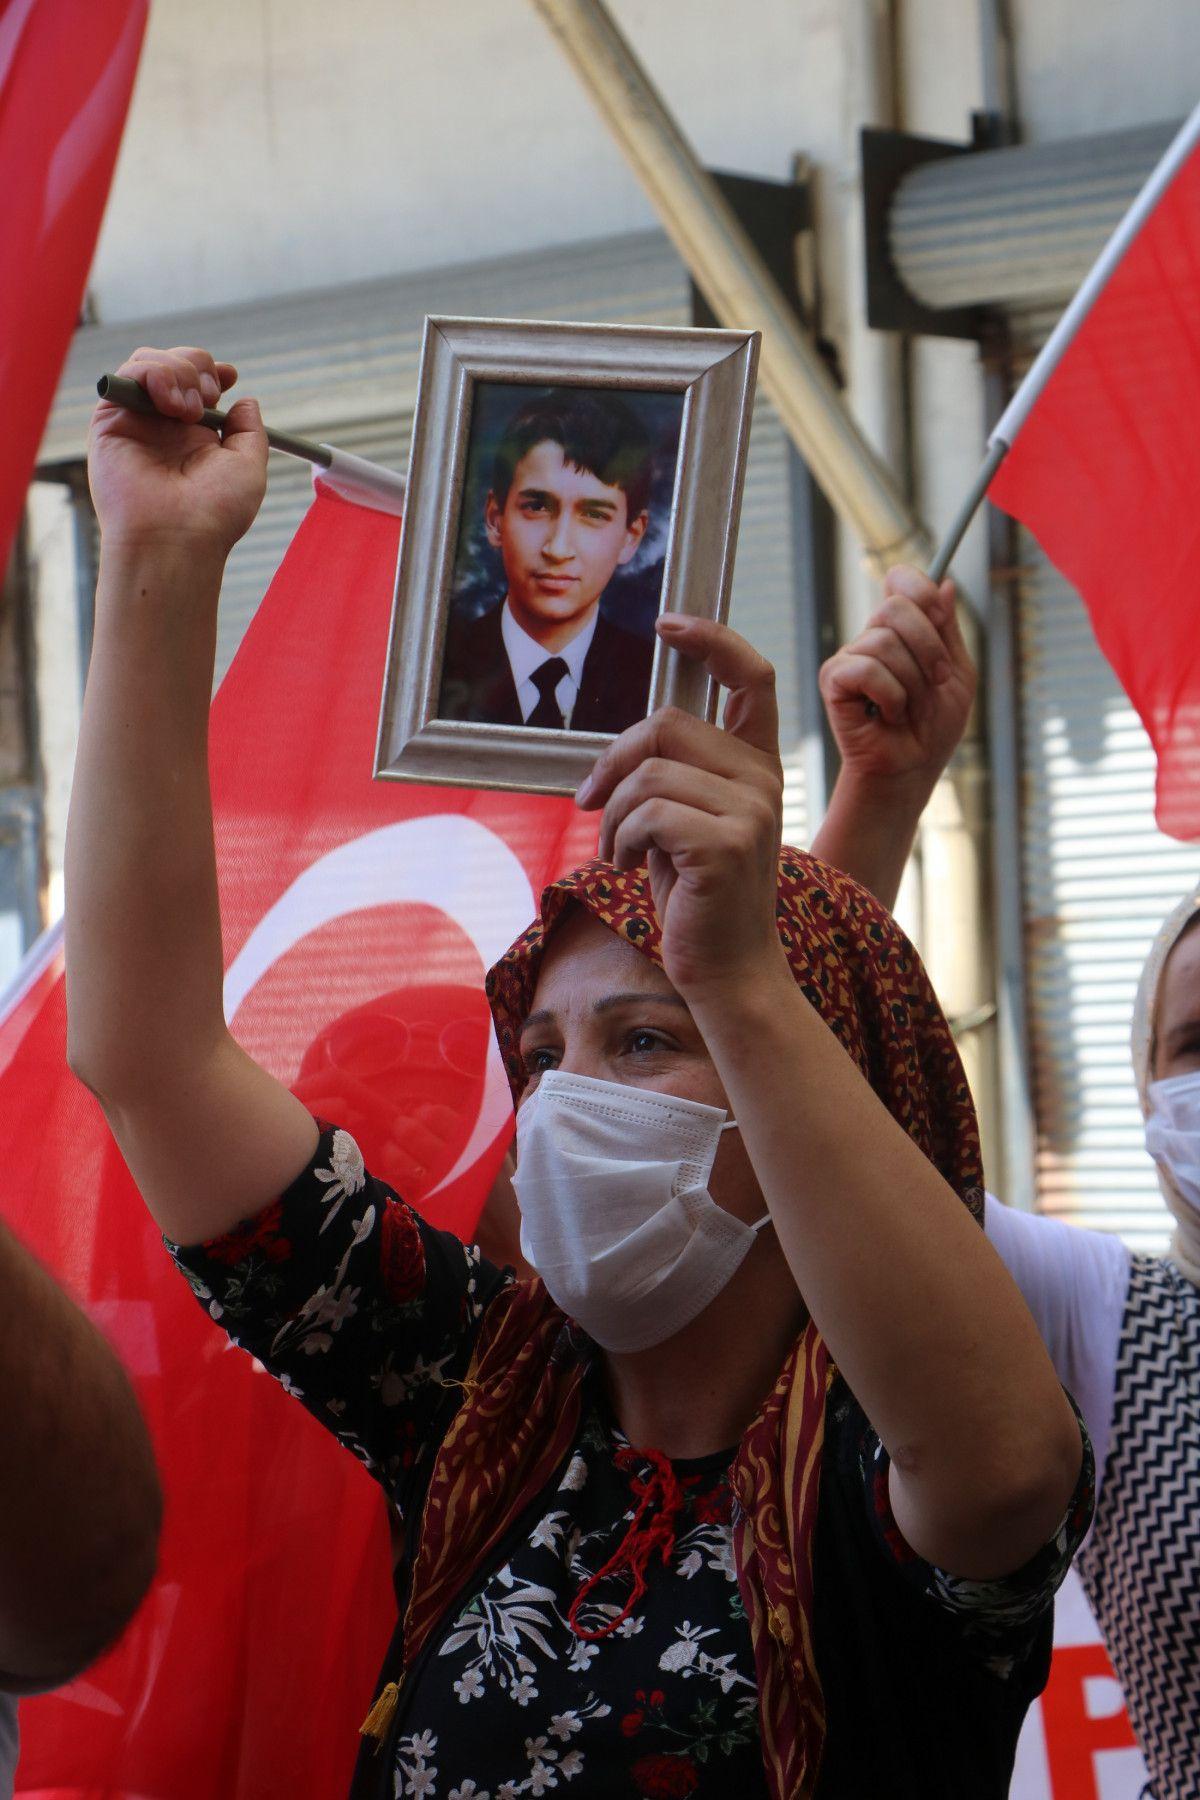 Hakkari de HDP yi protesto eden baba, kızının polis olmak istediğini söyledi #3